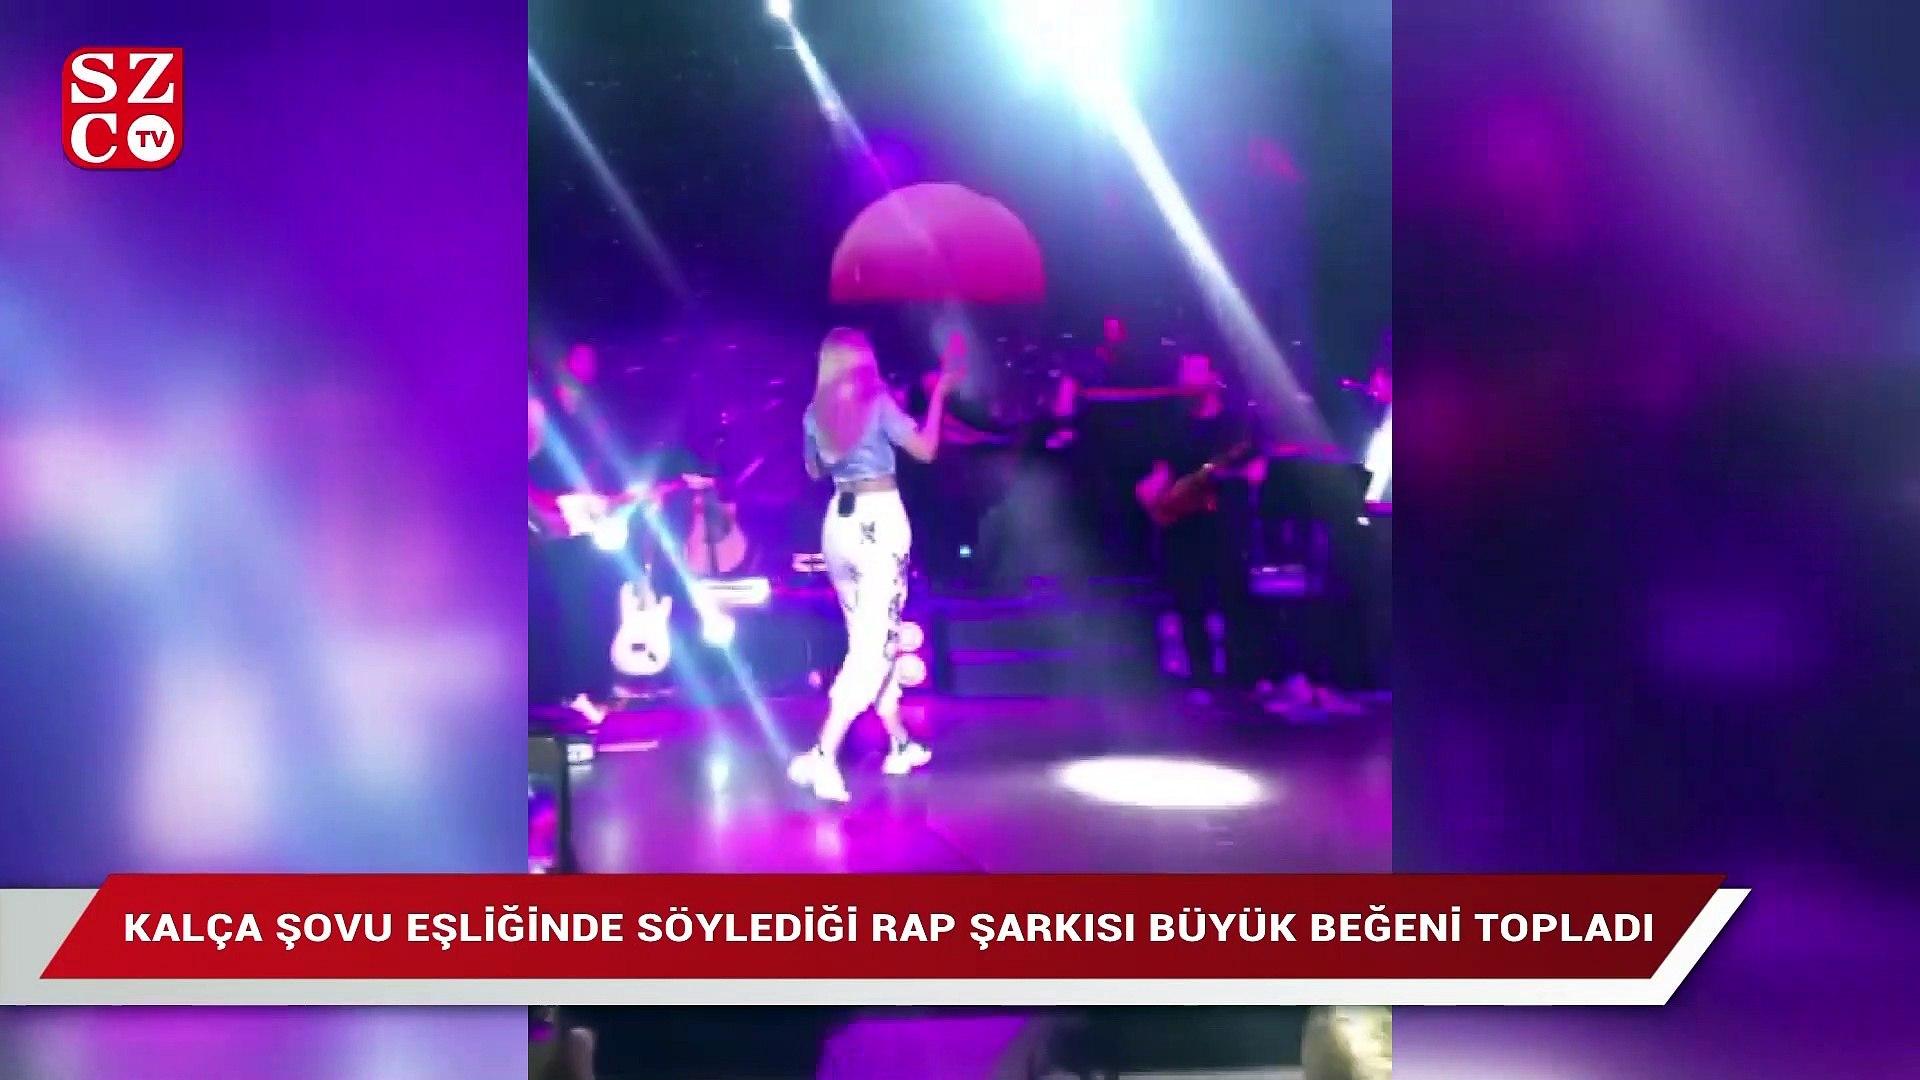 Aleyna Tilki'den 'twerk' dansı